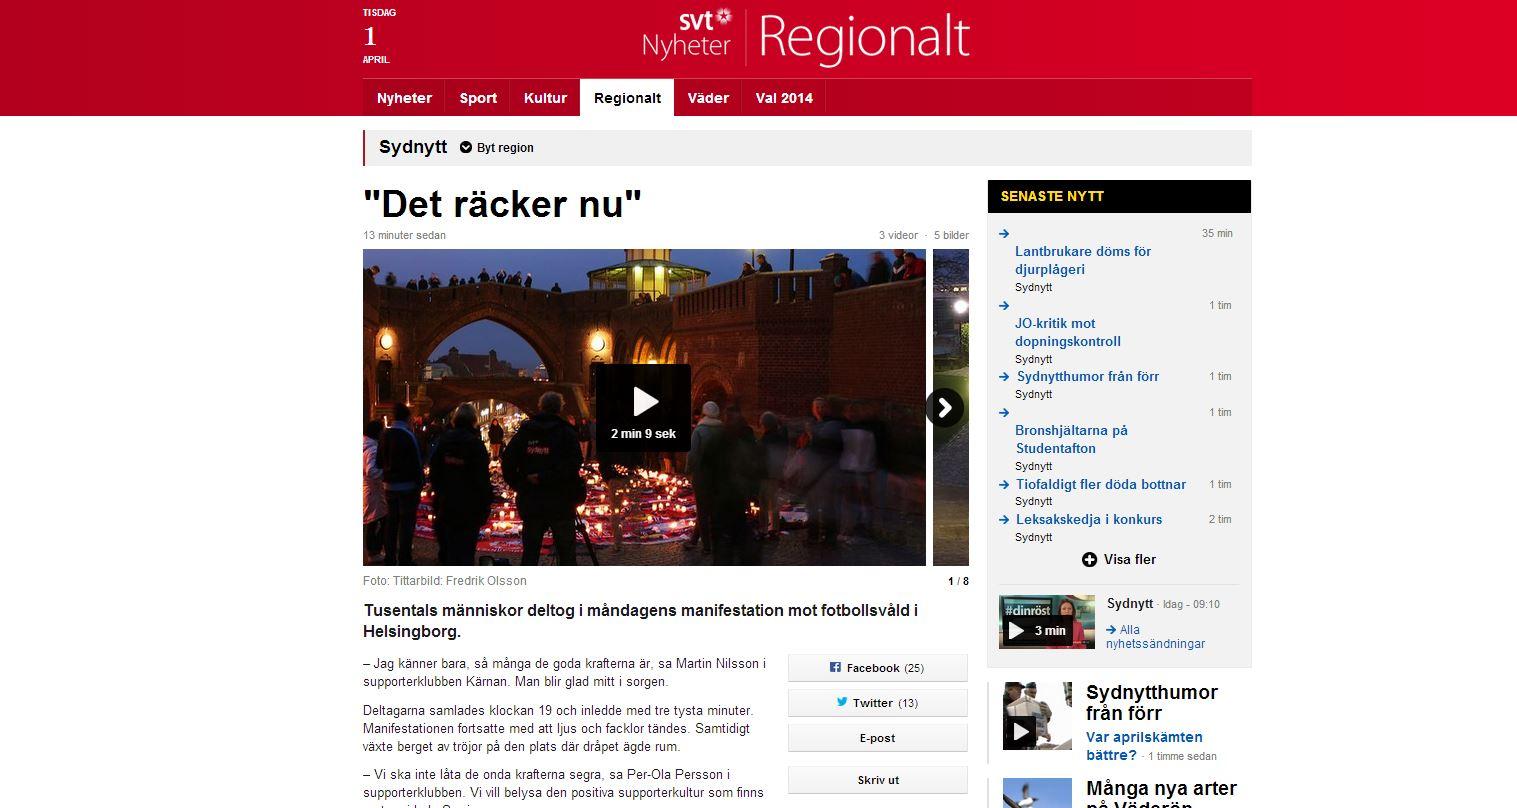 Fotograf Helsingborg - Helsingborg-Djurgården - minnesplats